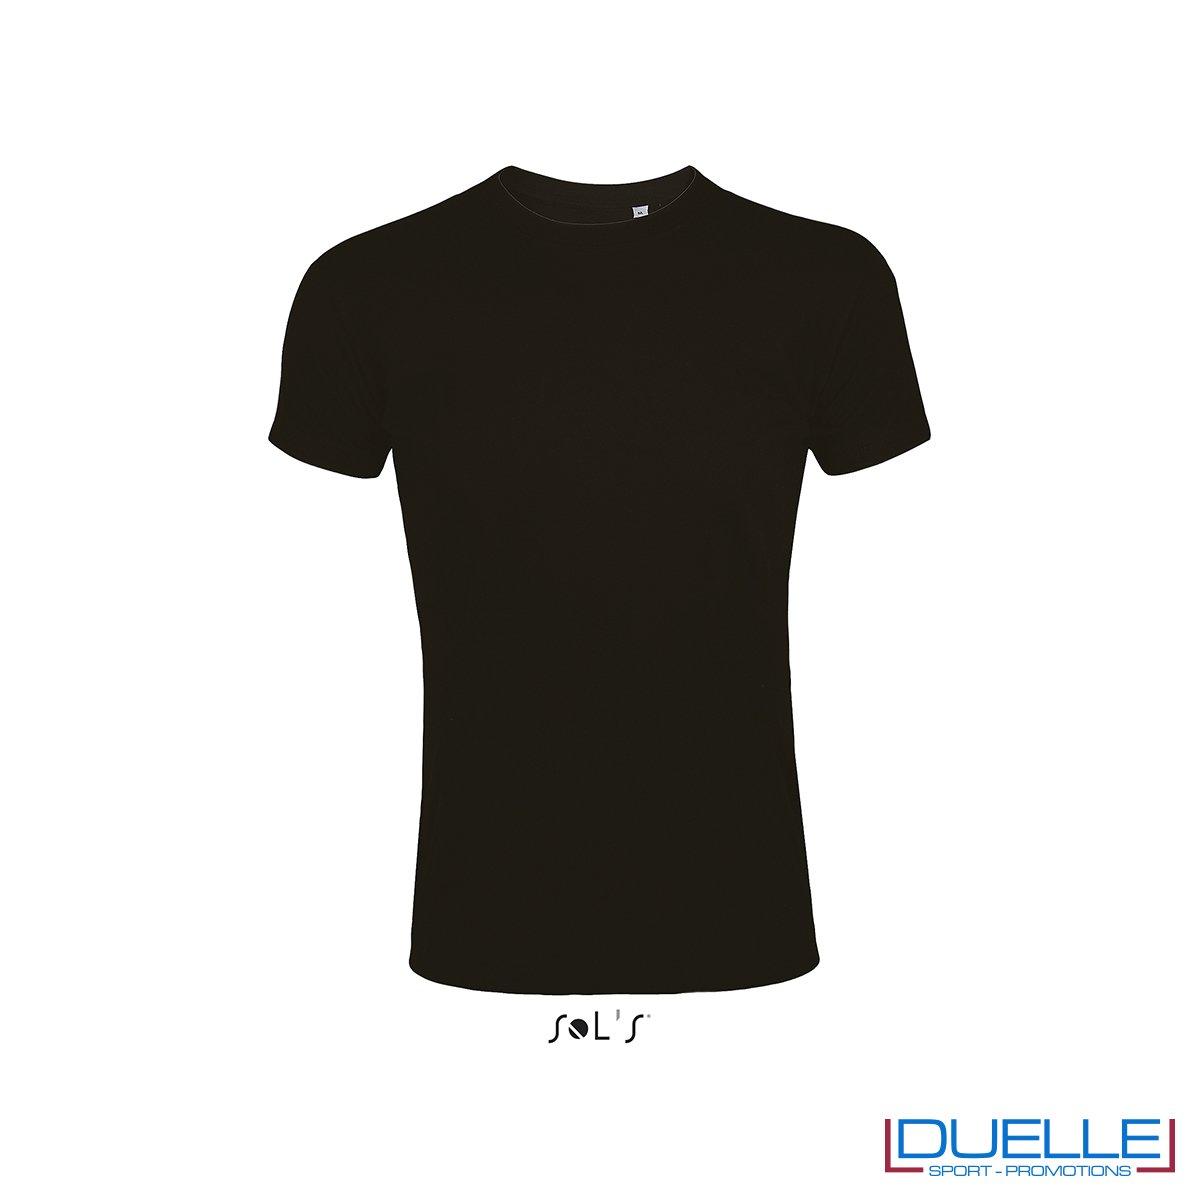 T-shirt girocollo slim fit uomo in cotone pesante colore nero